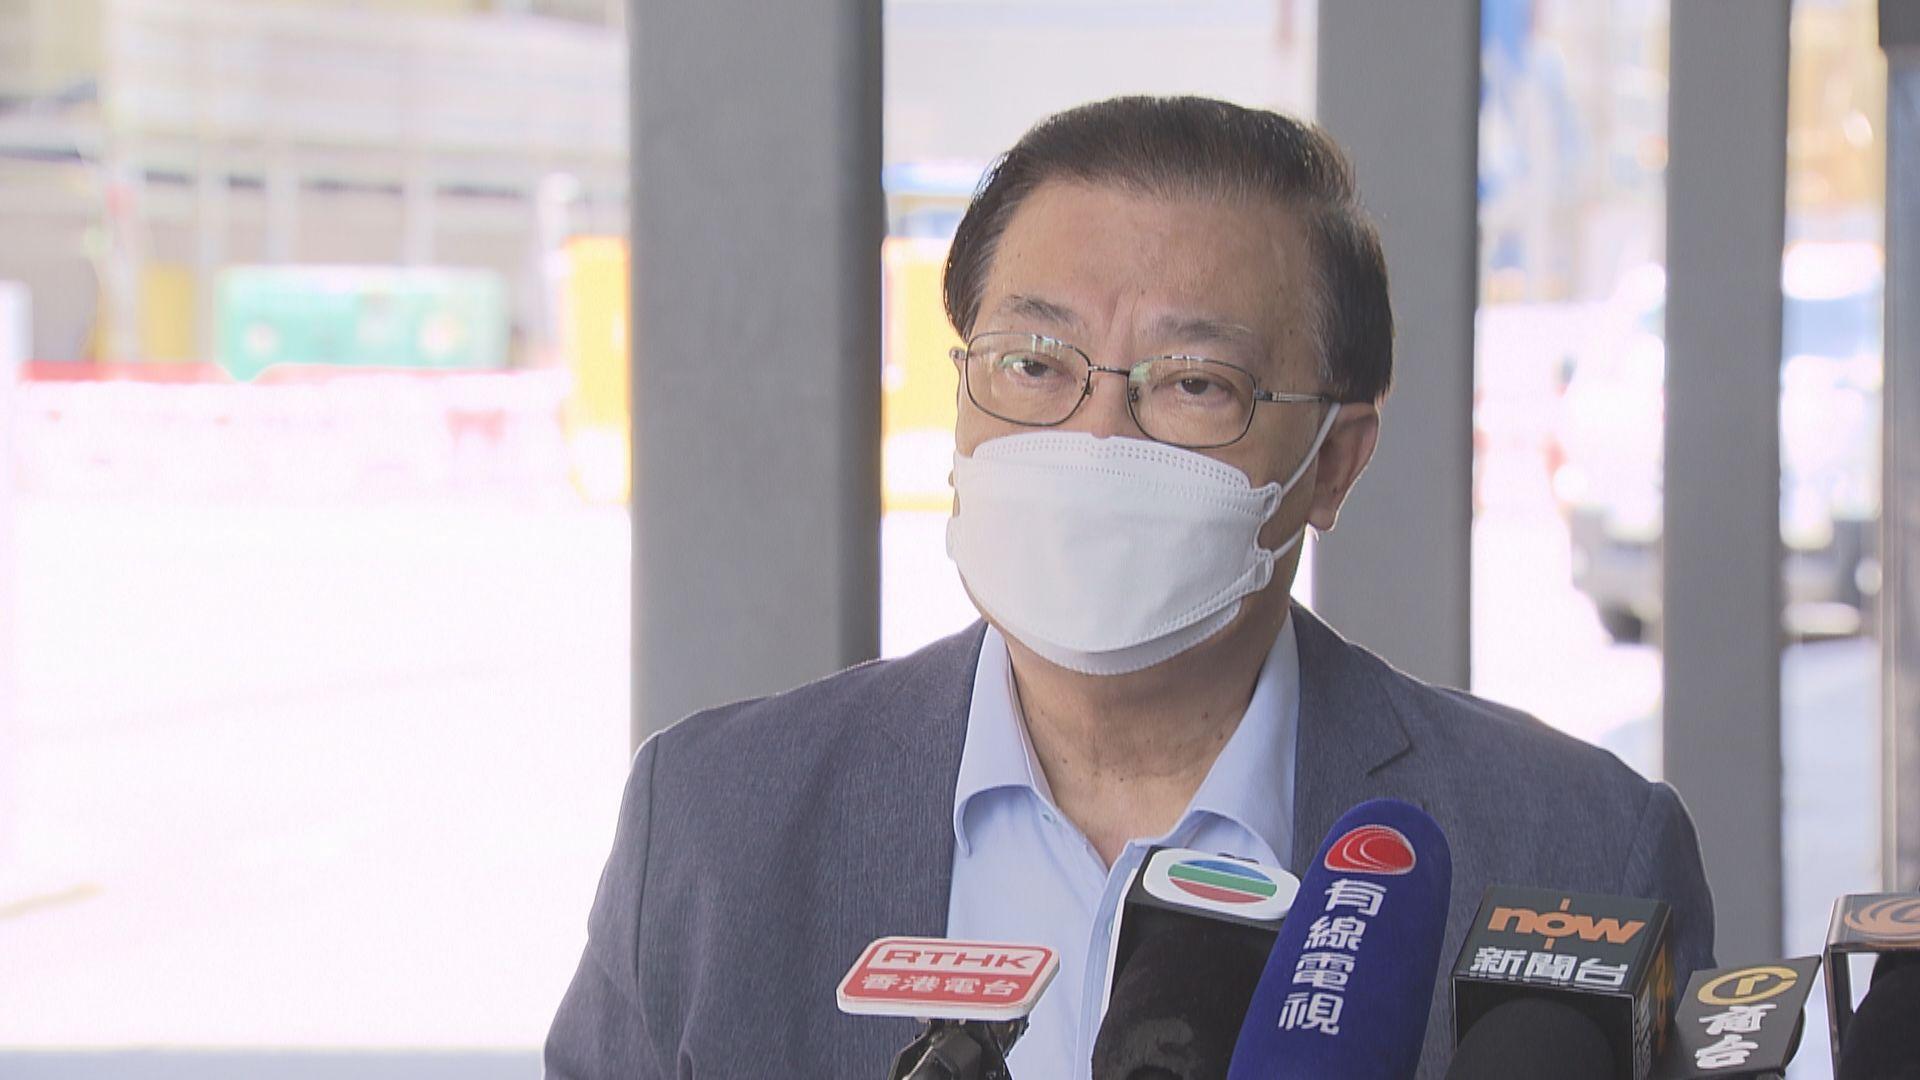 譚耀宗:政府研宣誓法例 或需考慮規範區議員